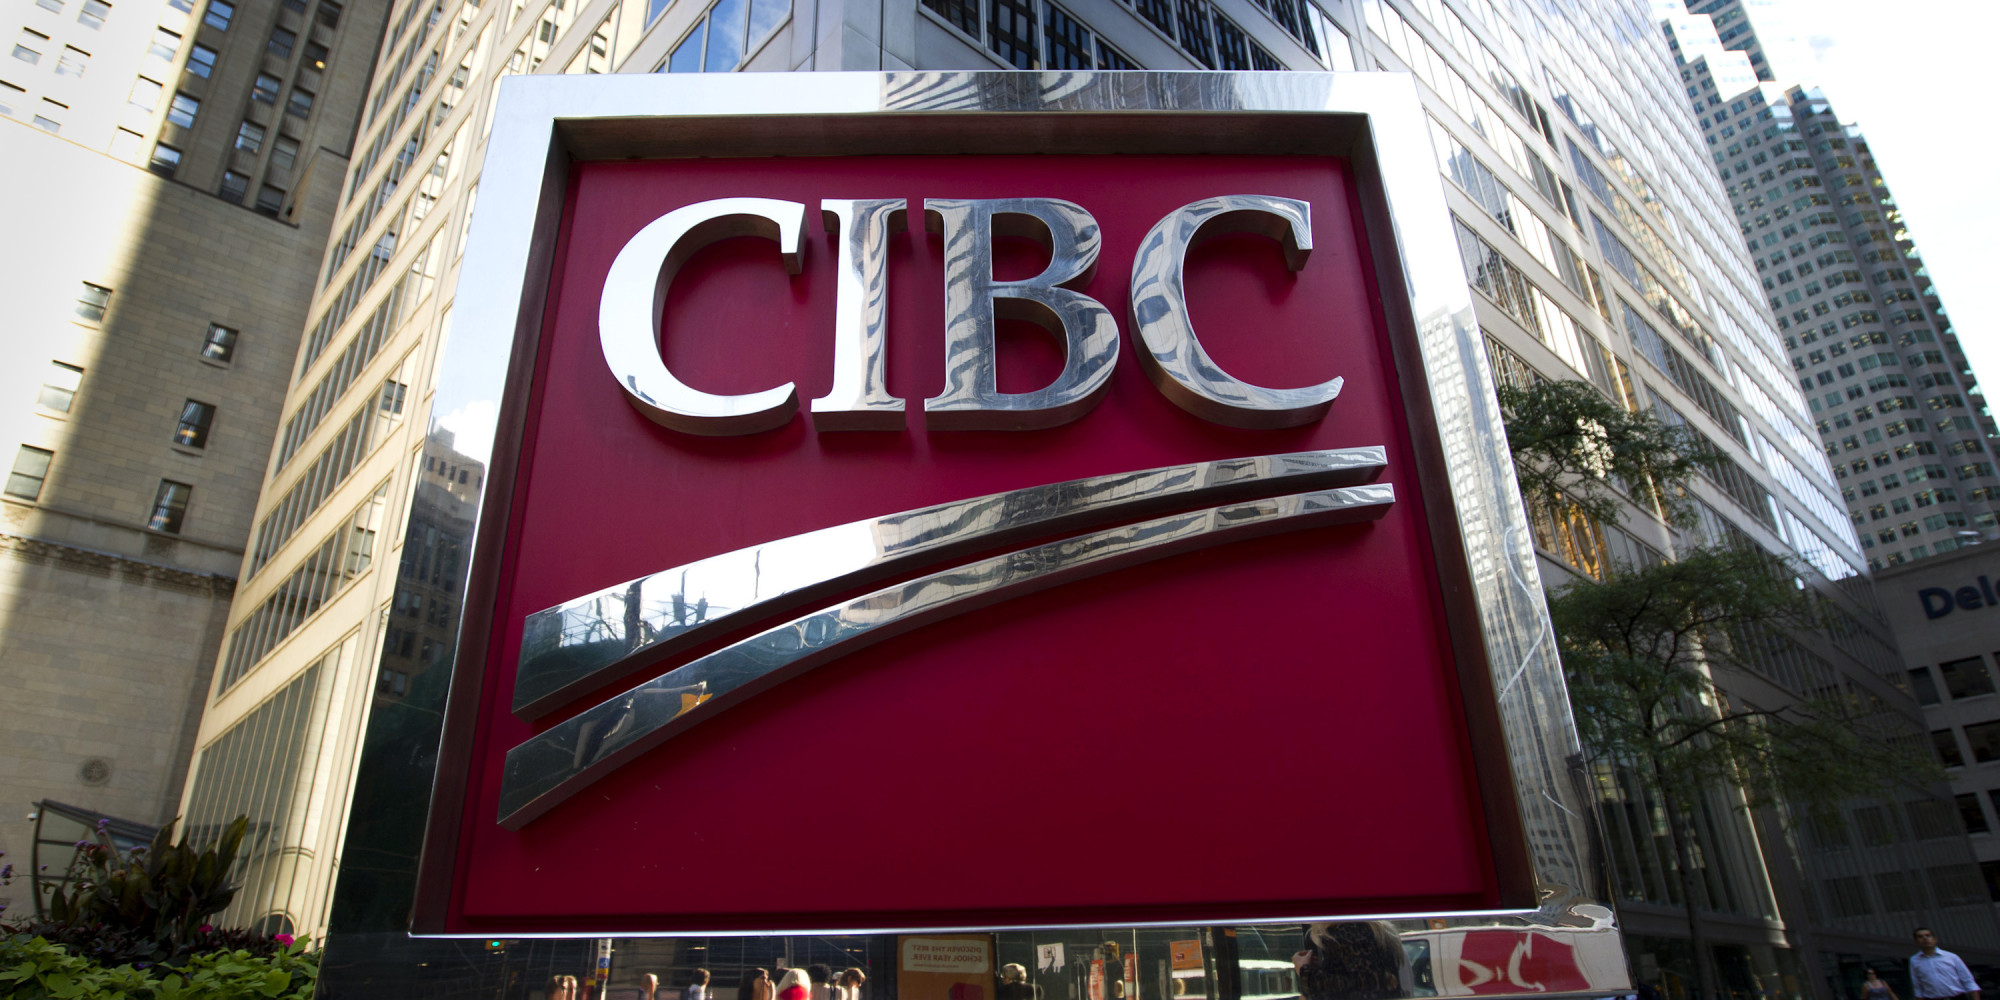 تعليق بنك CIBC على بيانات مبيعات التجزئة الكندية